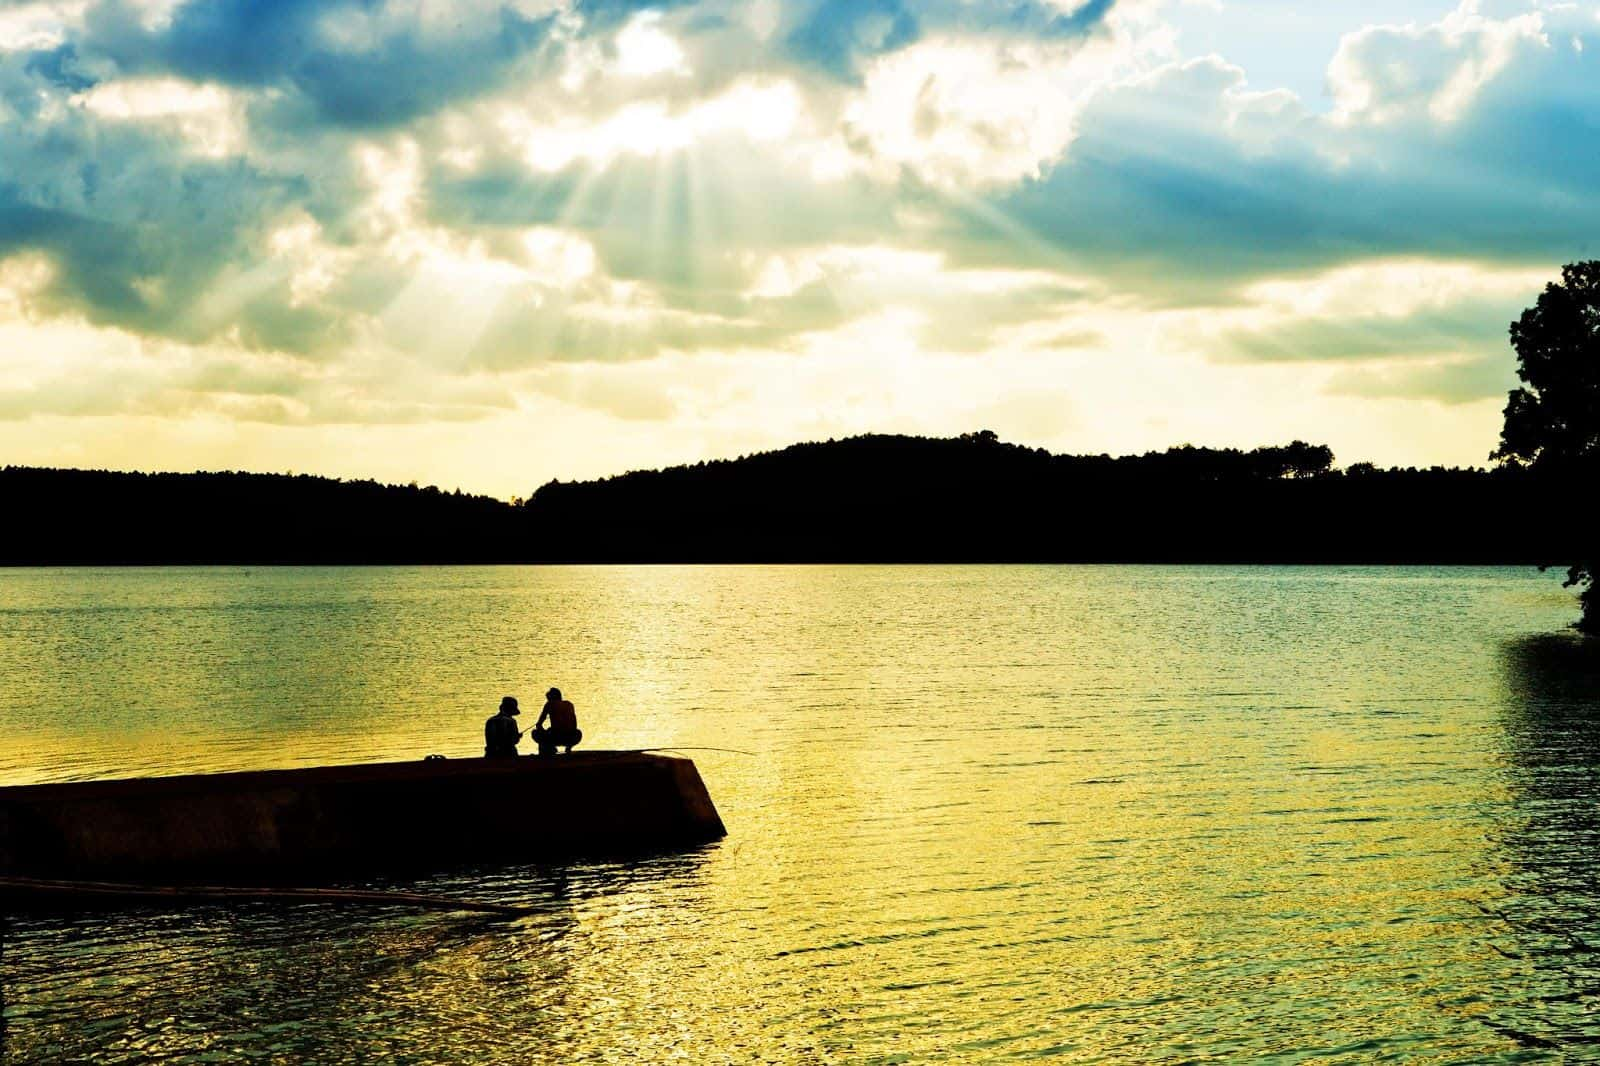 Khoảnh khắc hoàng hôn bên mặt hồ. (Ảnh ST)